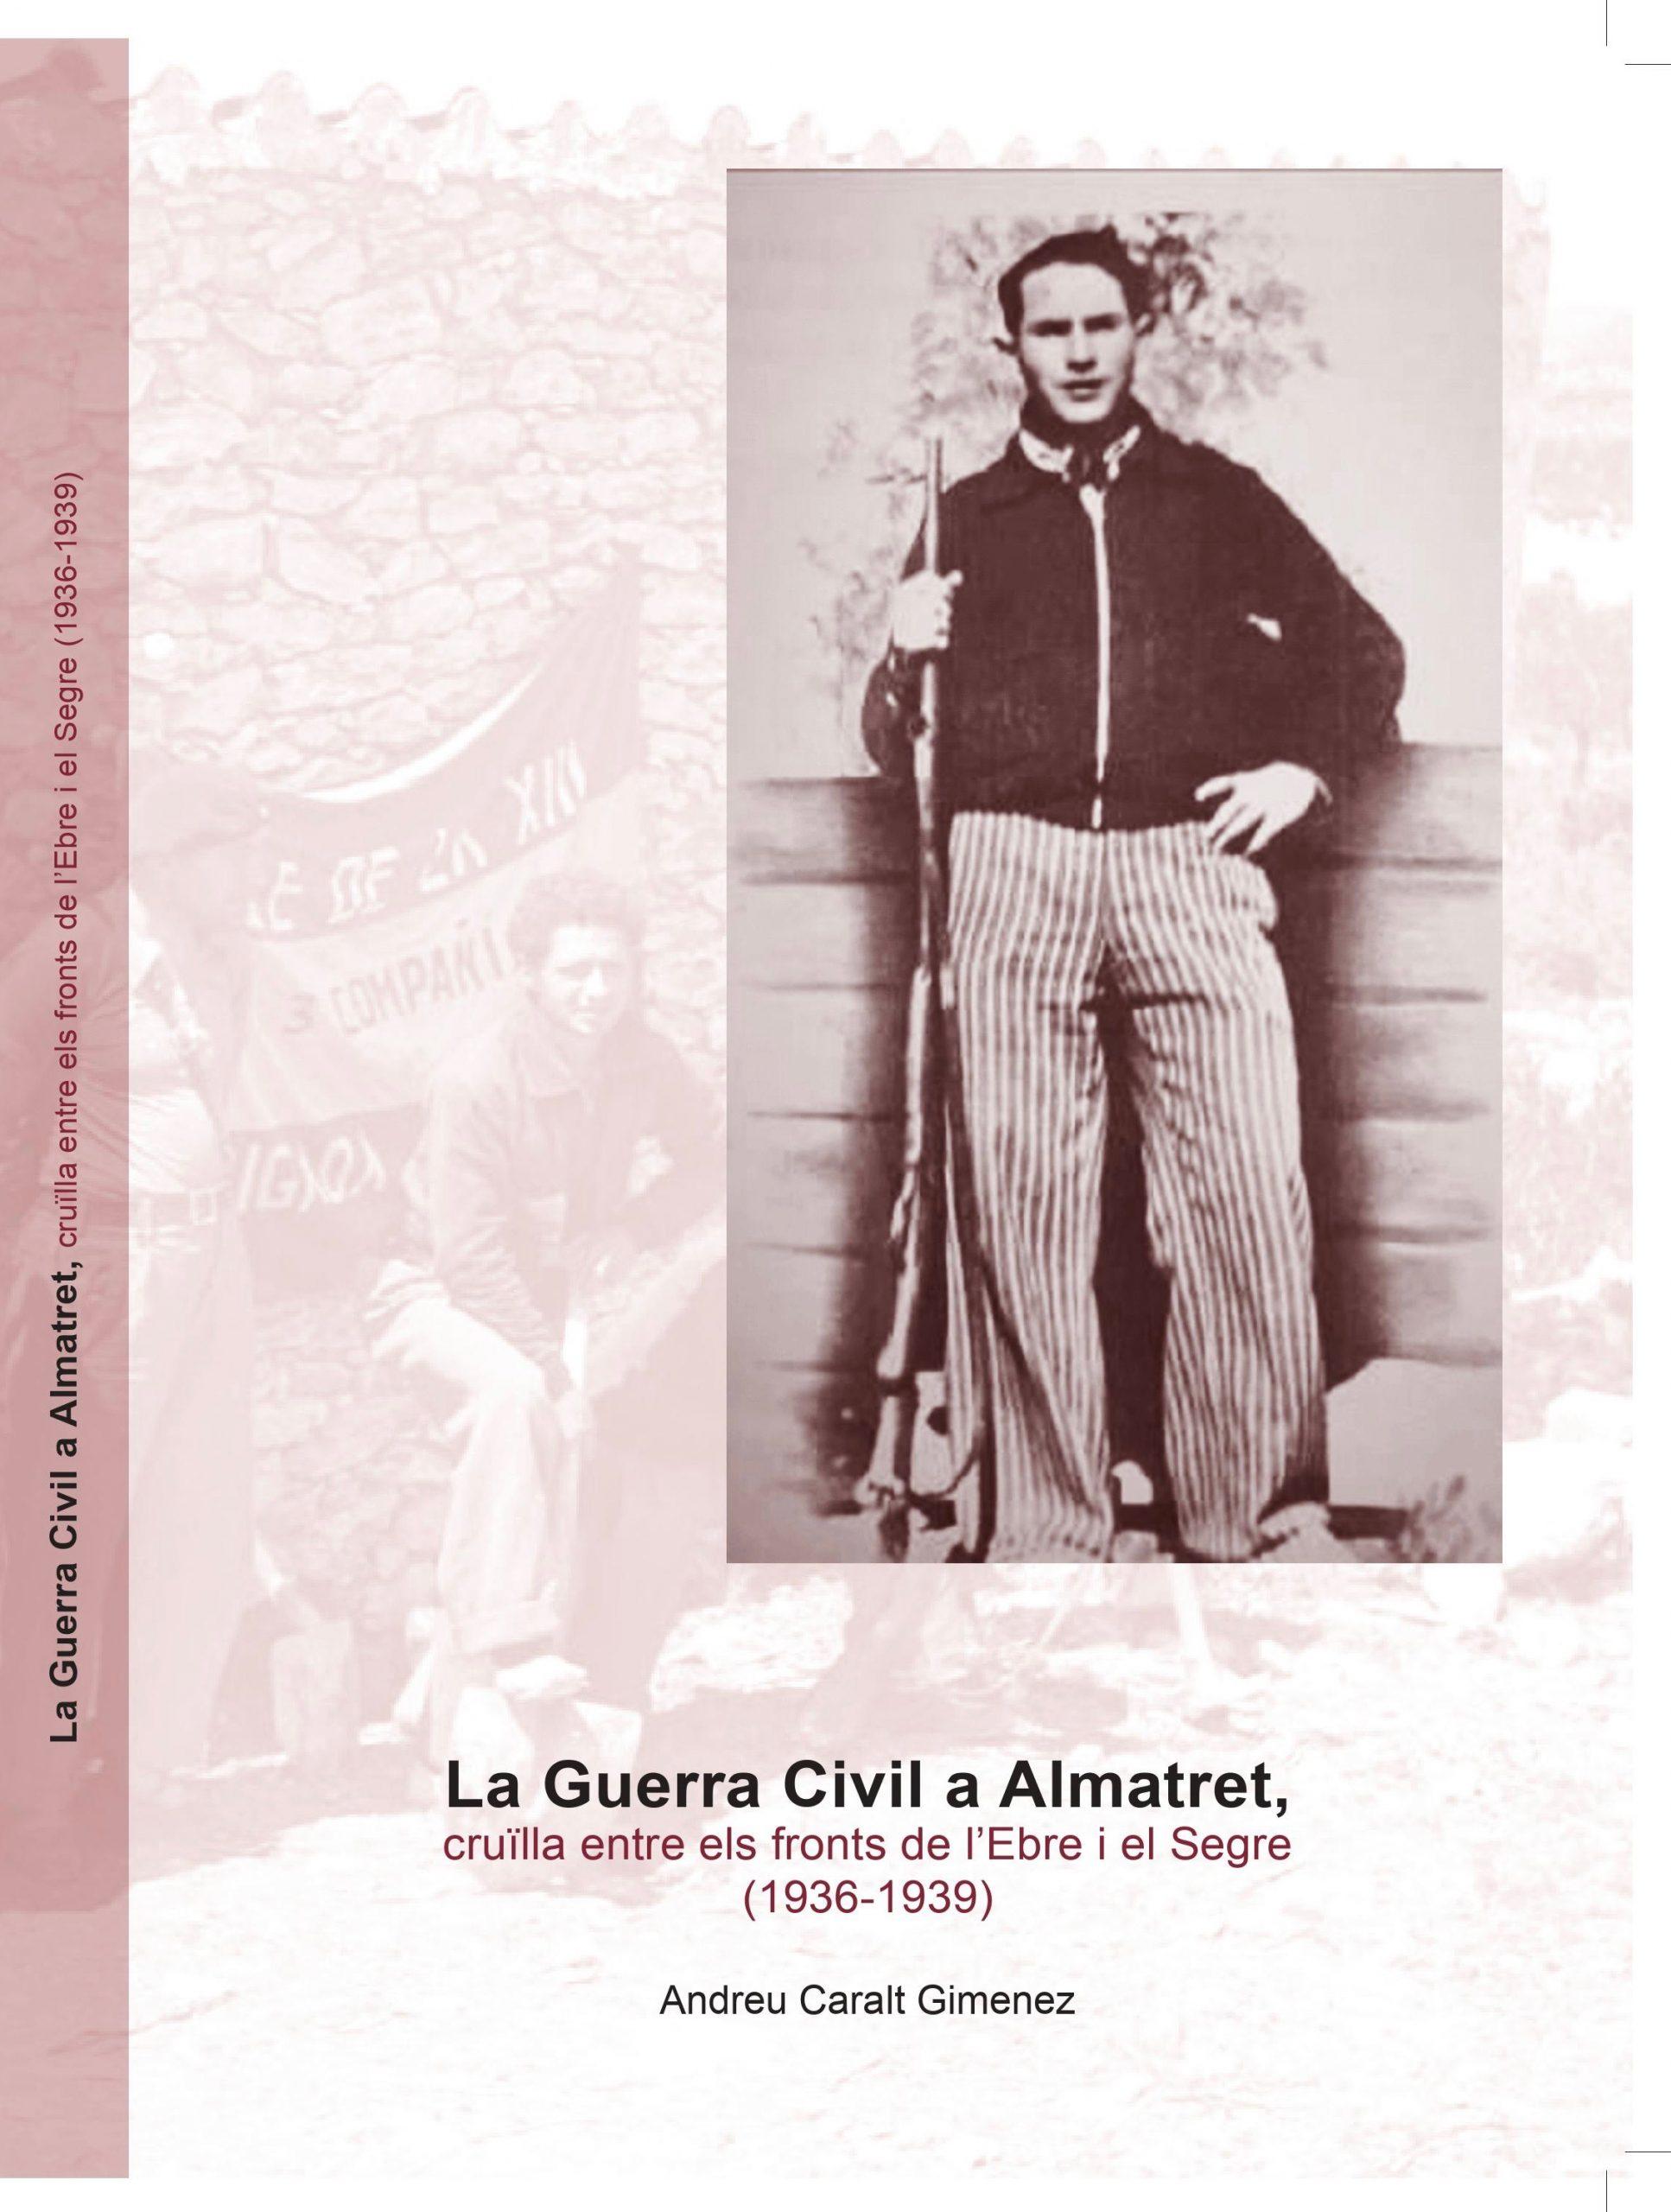 La Guerra Civil a Almatret, cruïlla entre els fronts de l'Ebre i el Segre (1936-1939)